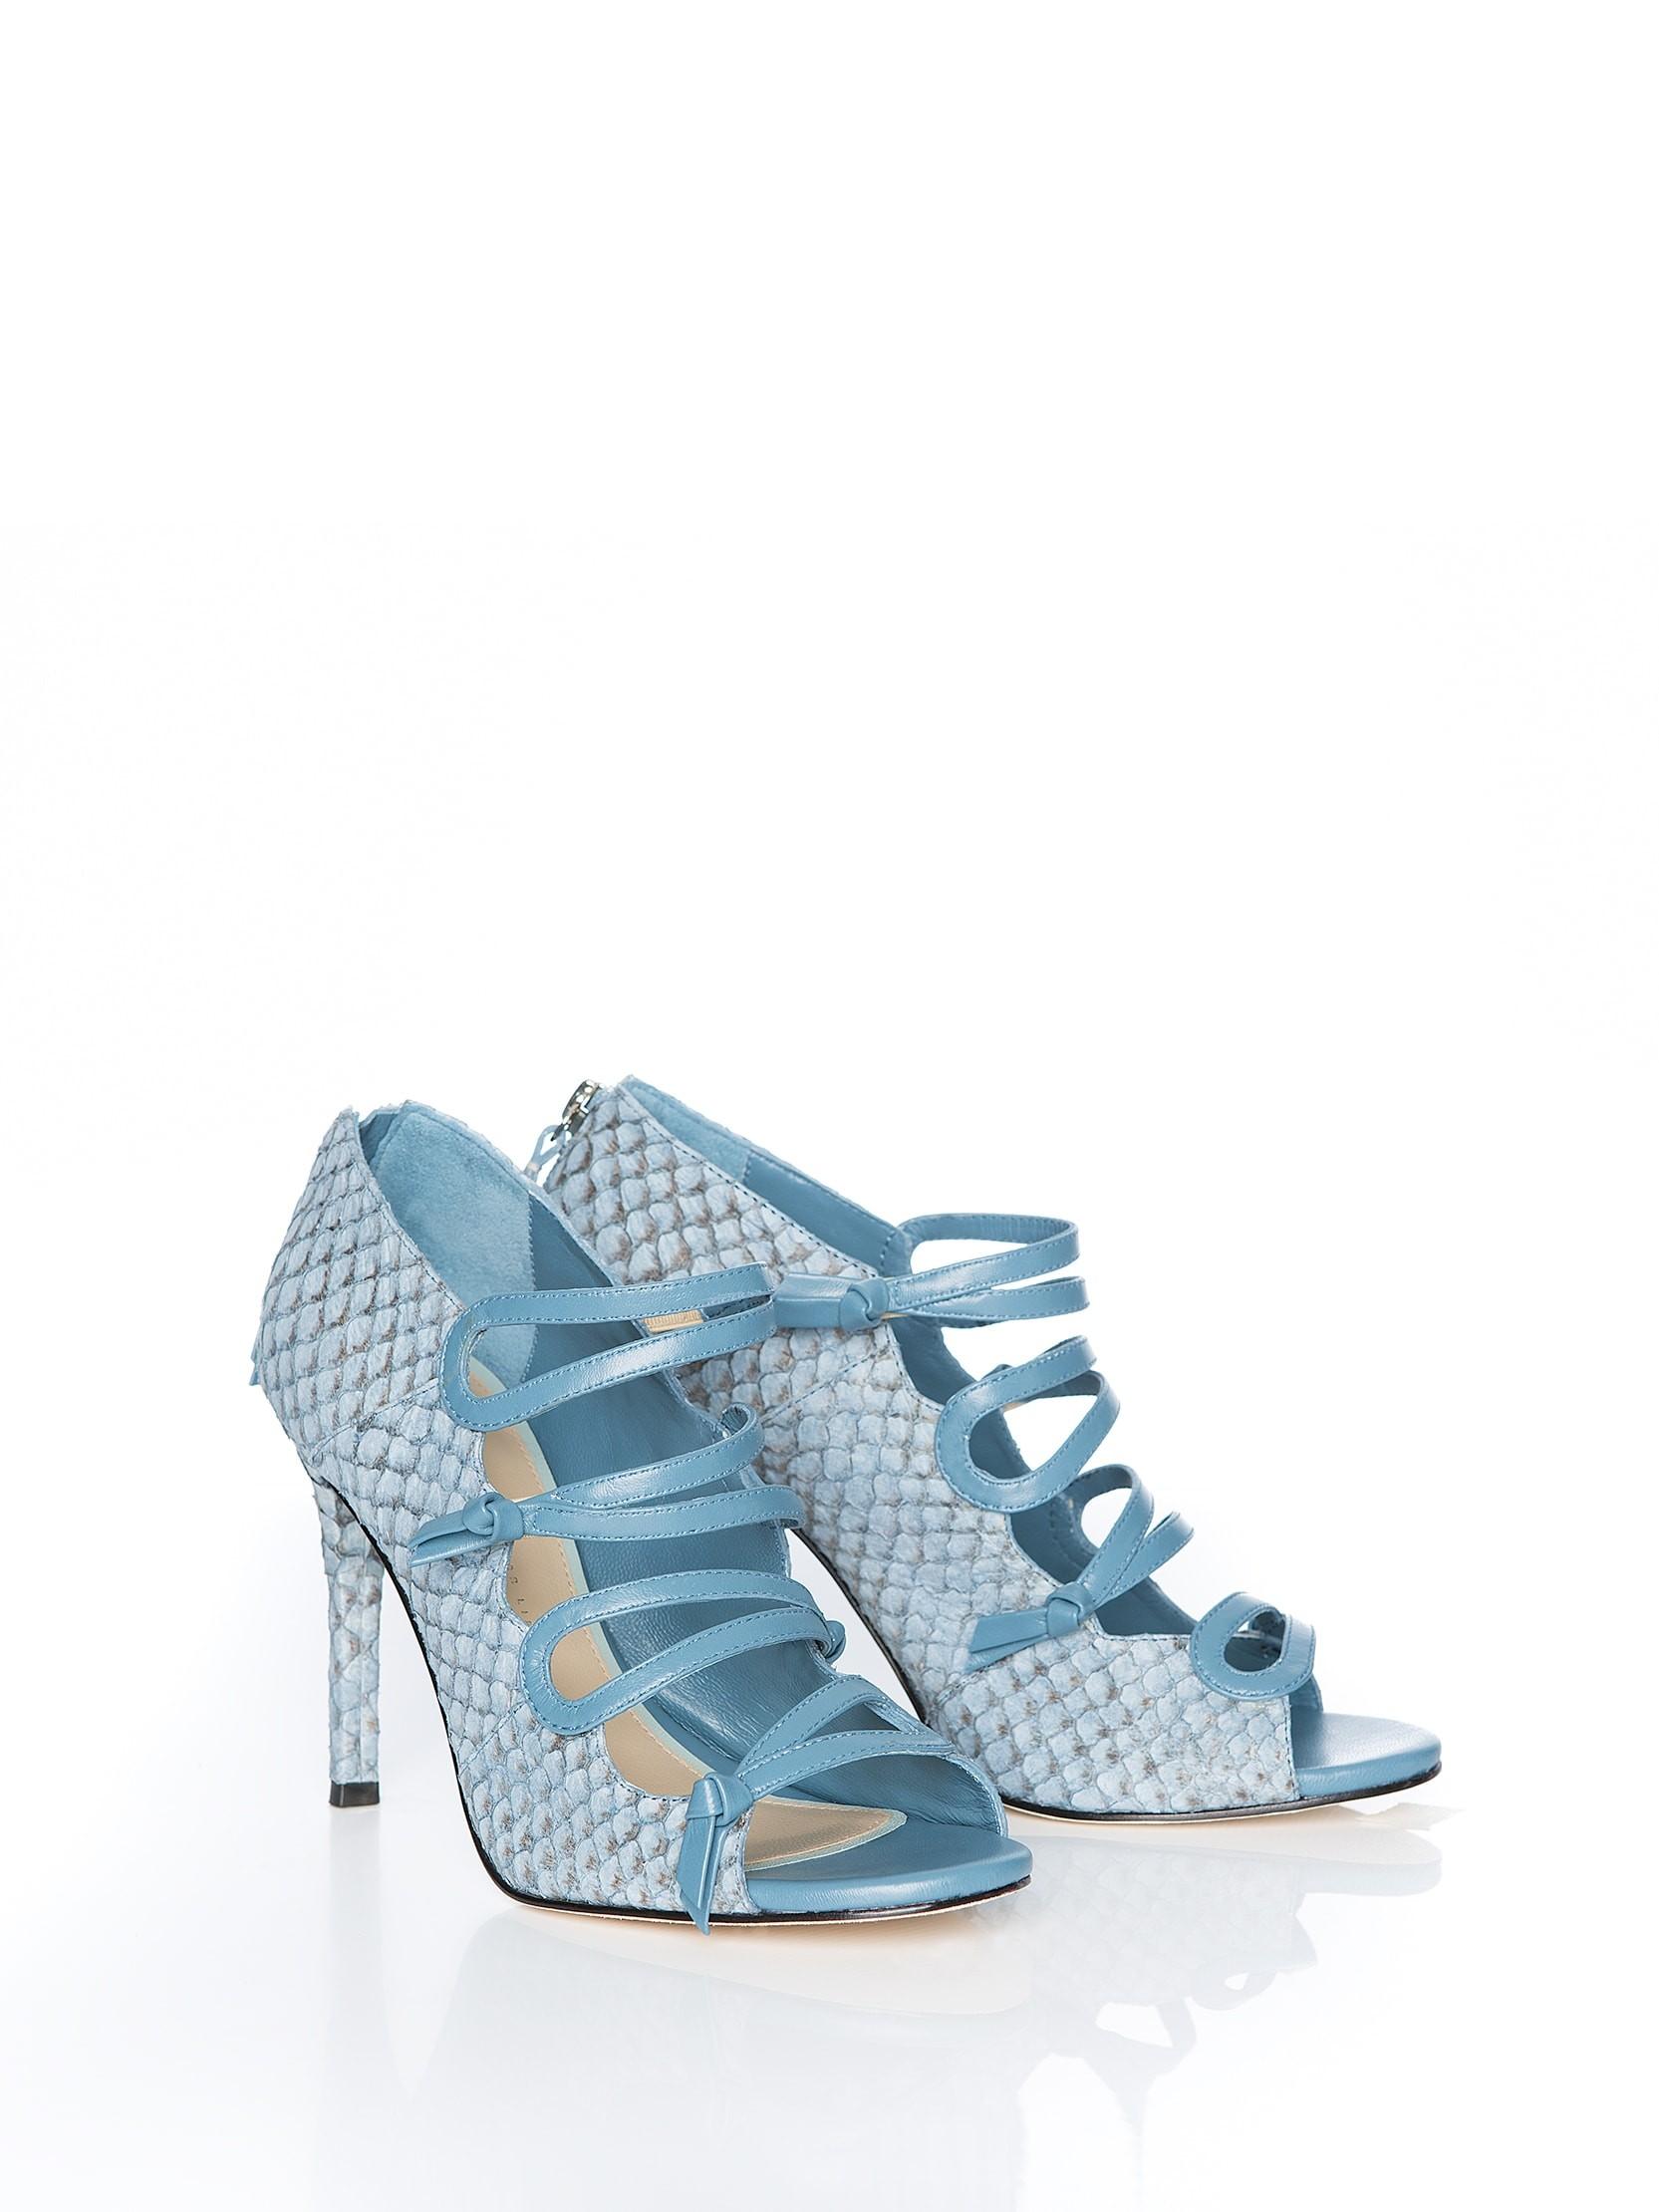 Sandália Isabela Azul Jeans Tamanho: 39 - Cor: Azul Jeans